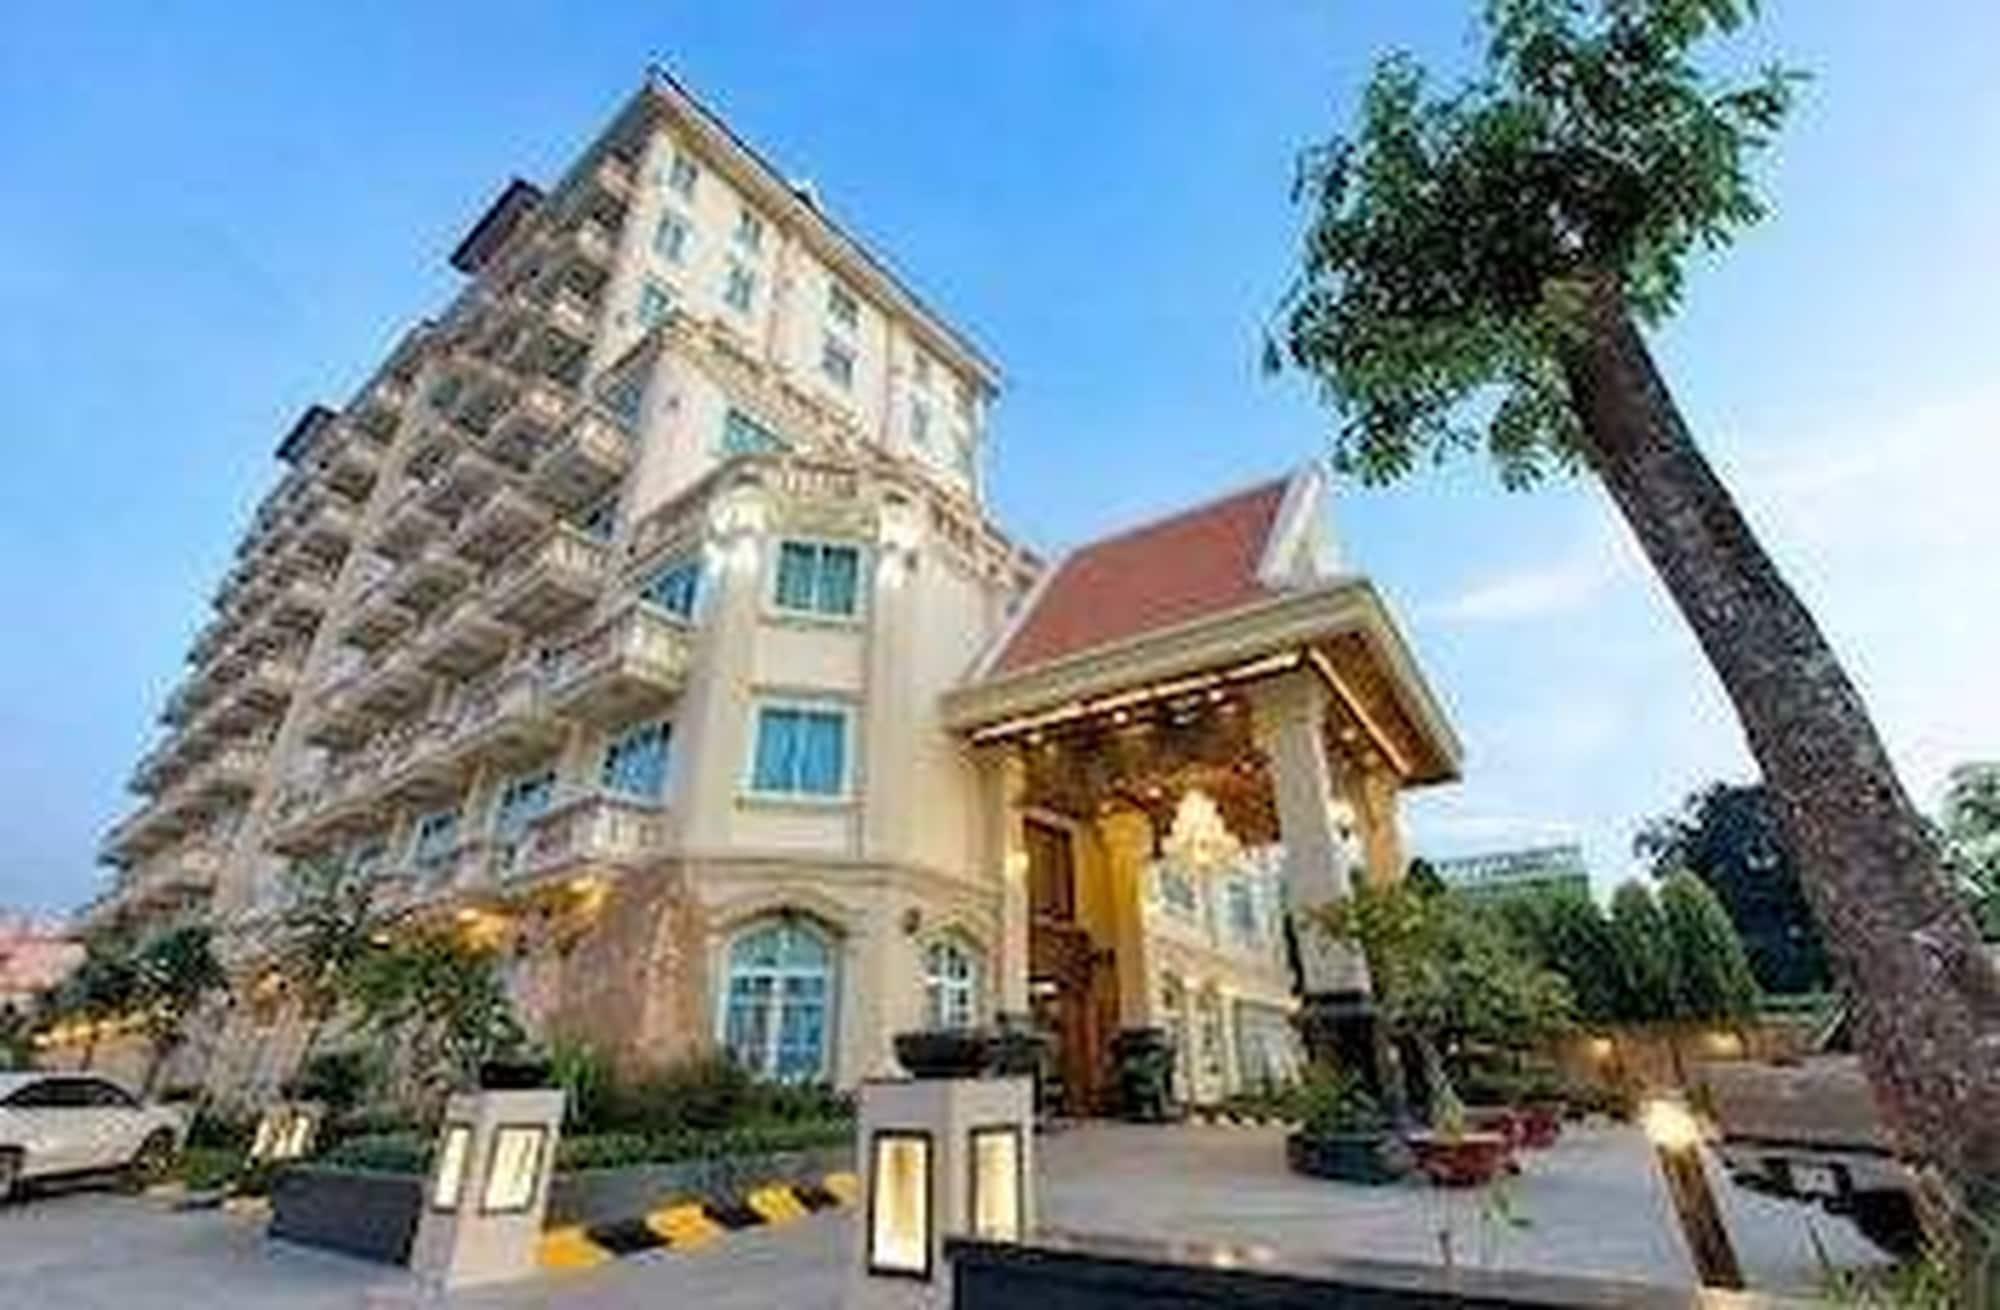 Classy Hotel & Spa, Svay Pao